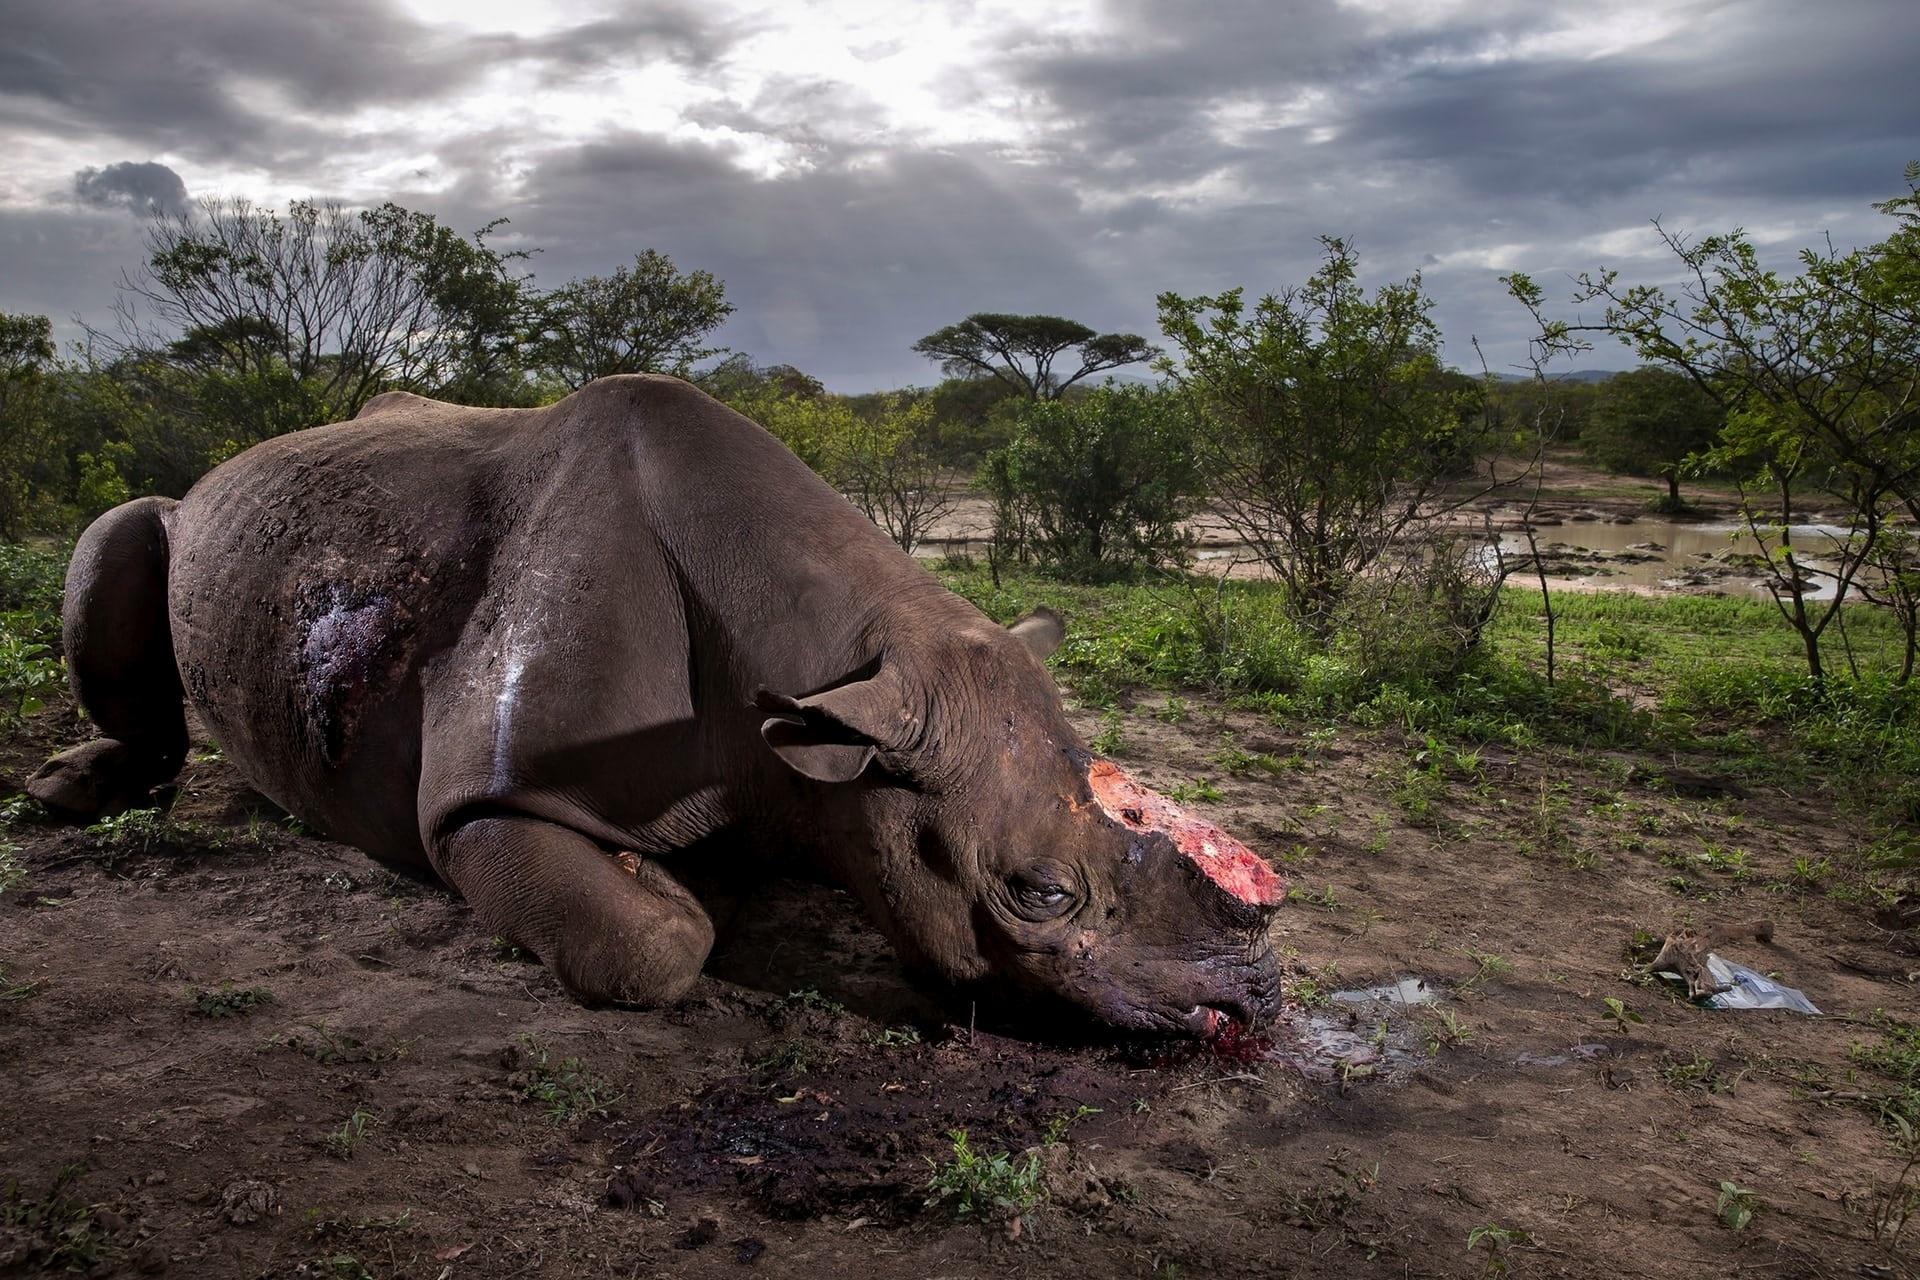 Registrada pelo sul-africano Brent Stirton, a foto retrata o corpo caído de um rinoceronte negro na Reserva Hluhluwe Imfolozi, em seu país. Caçadores clandestinos mataram o animal à noite com um silenciador e arrancaram o seu chifre